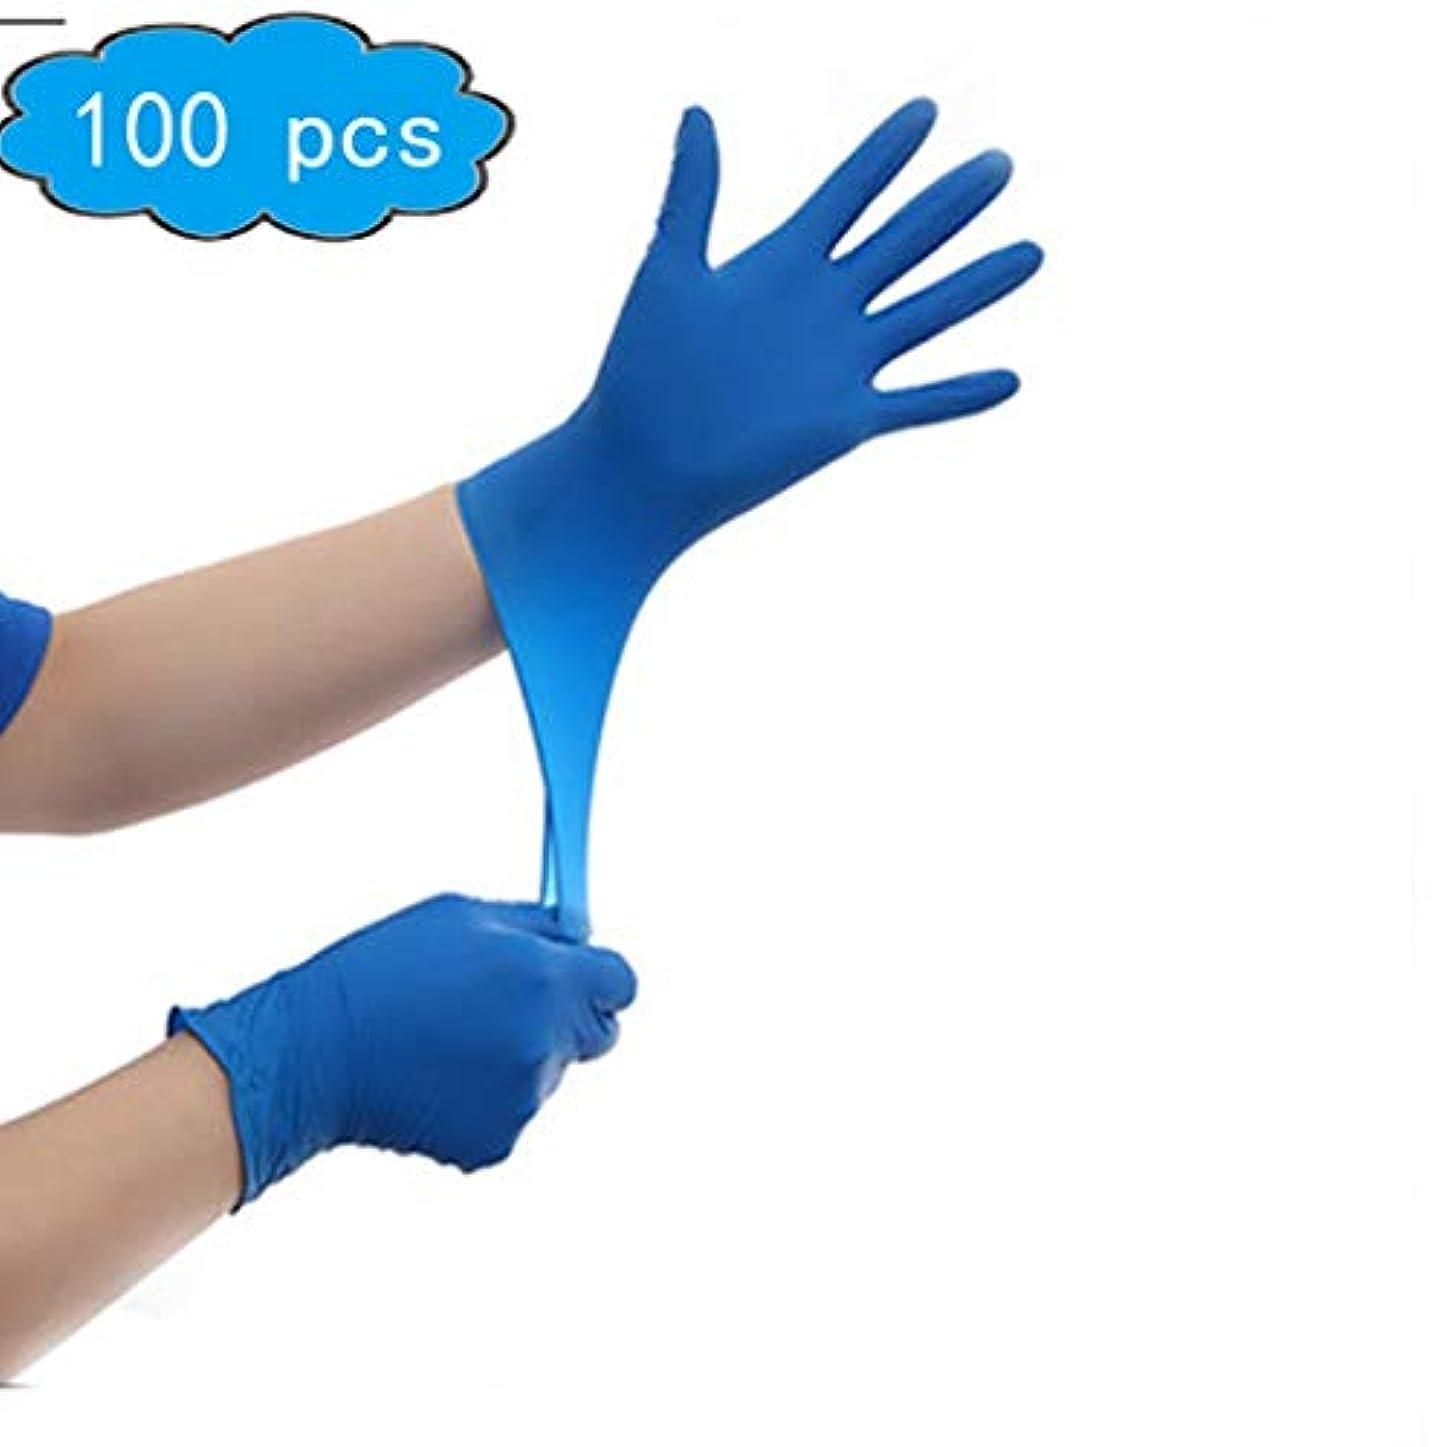 使い捨て丁清手袋 - テクスチャード加工、サニタリー手袋、応急処置用品、大型、100箱入り、食品ケータリング家事使い捨て手袋 (Color : Blue, Size : XS)